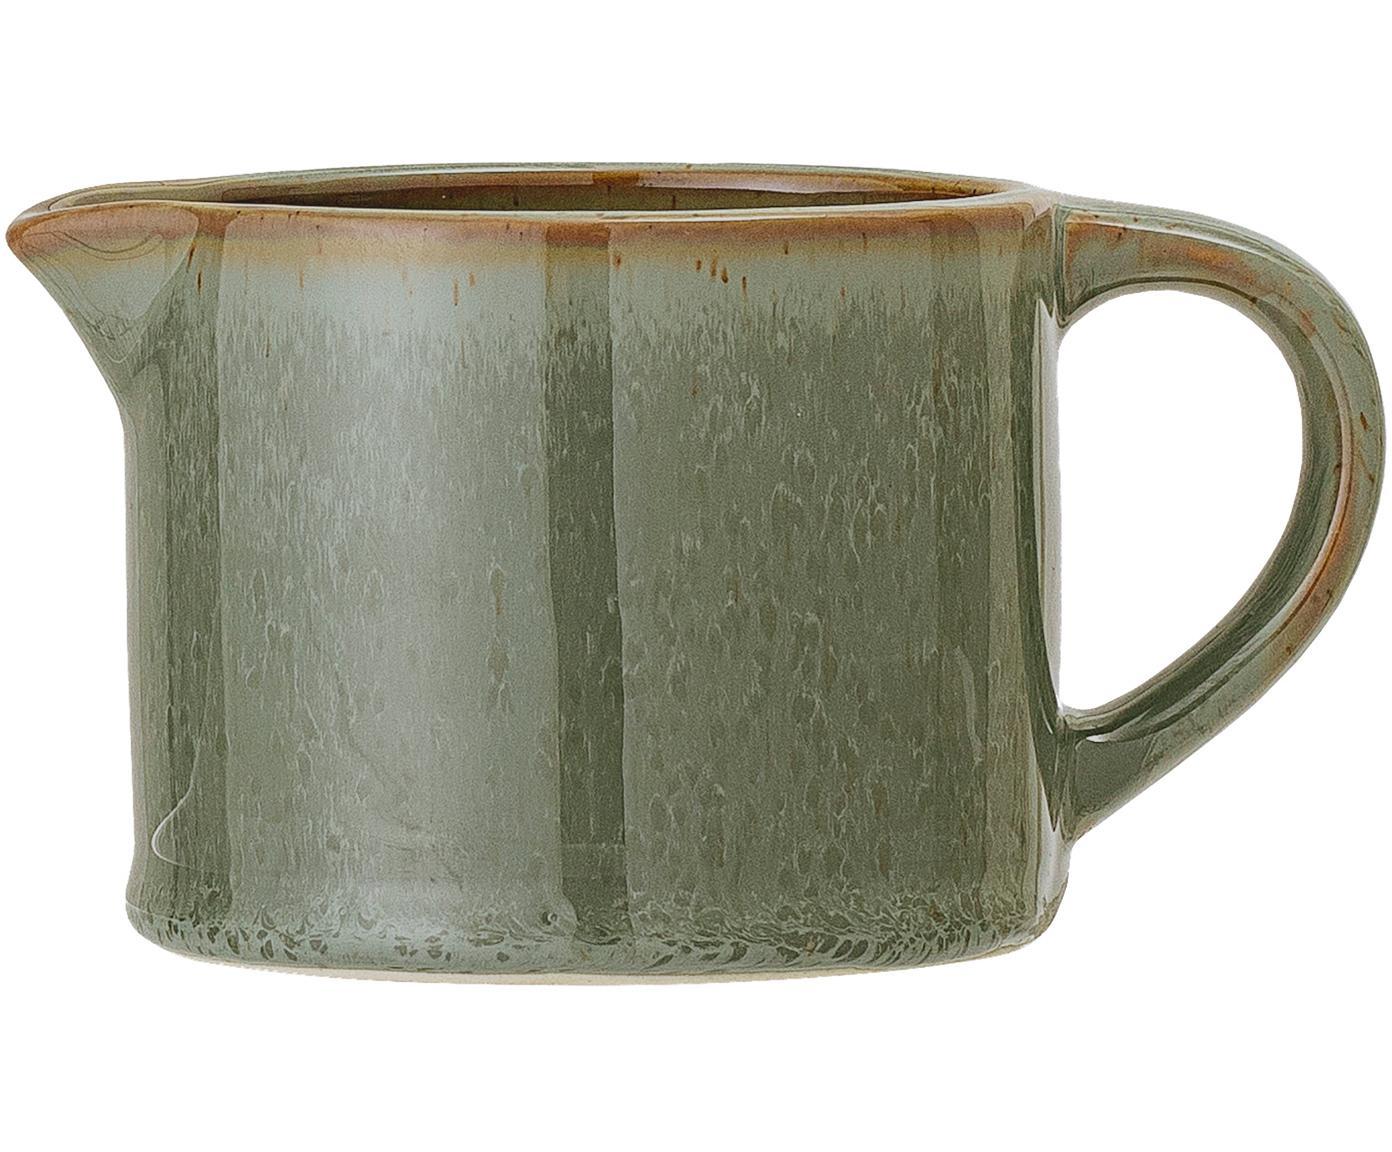 Brocca da latte fatta a mano Pixie, Terracotta, Verde, brunastro, Ø 9 x Alt. 7 cm